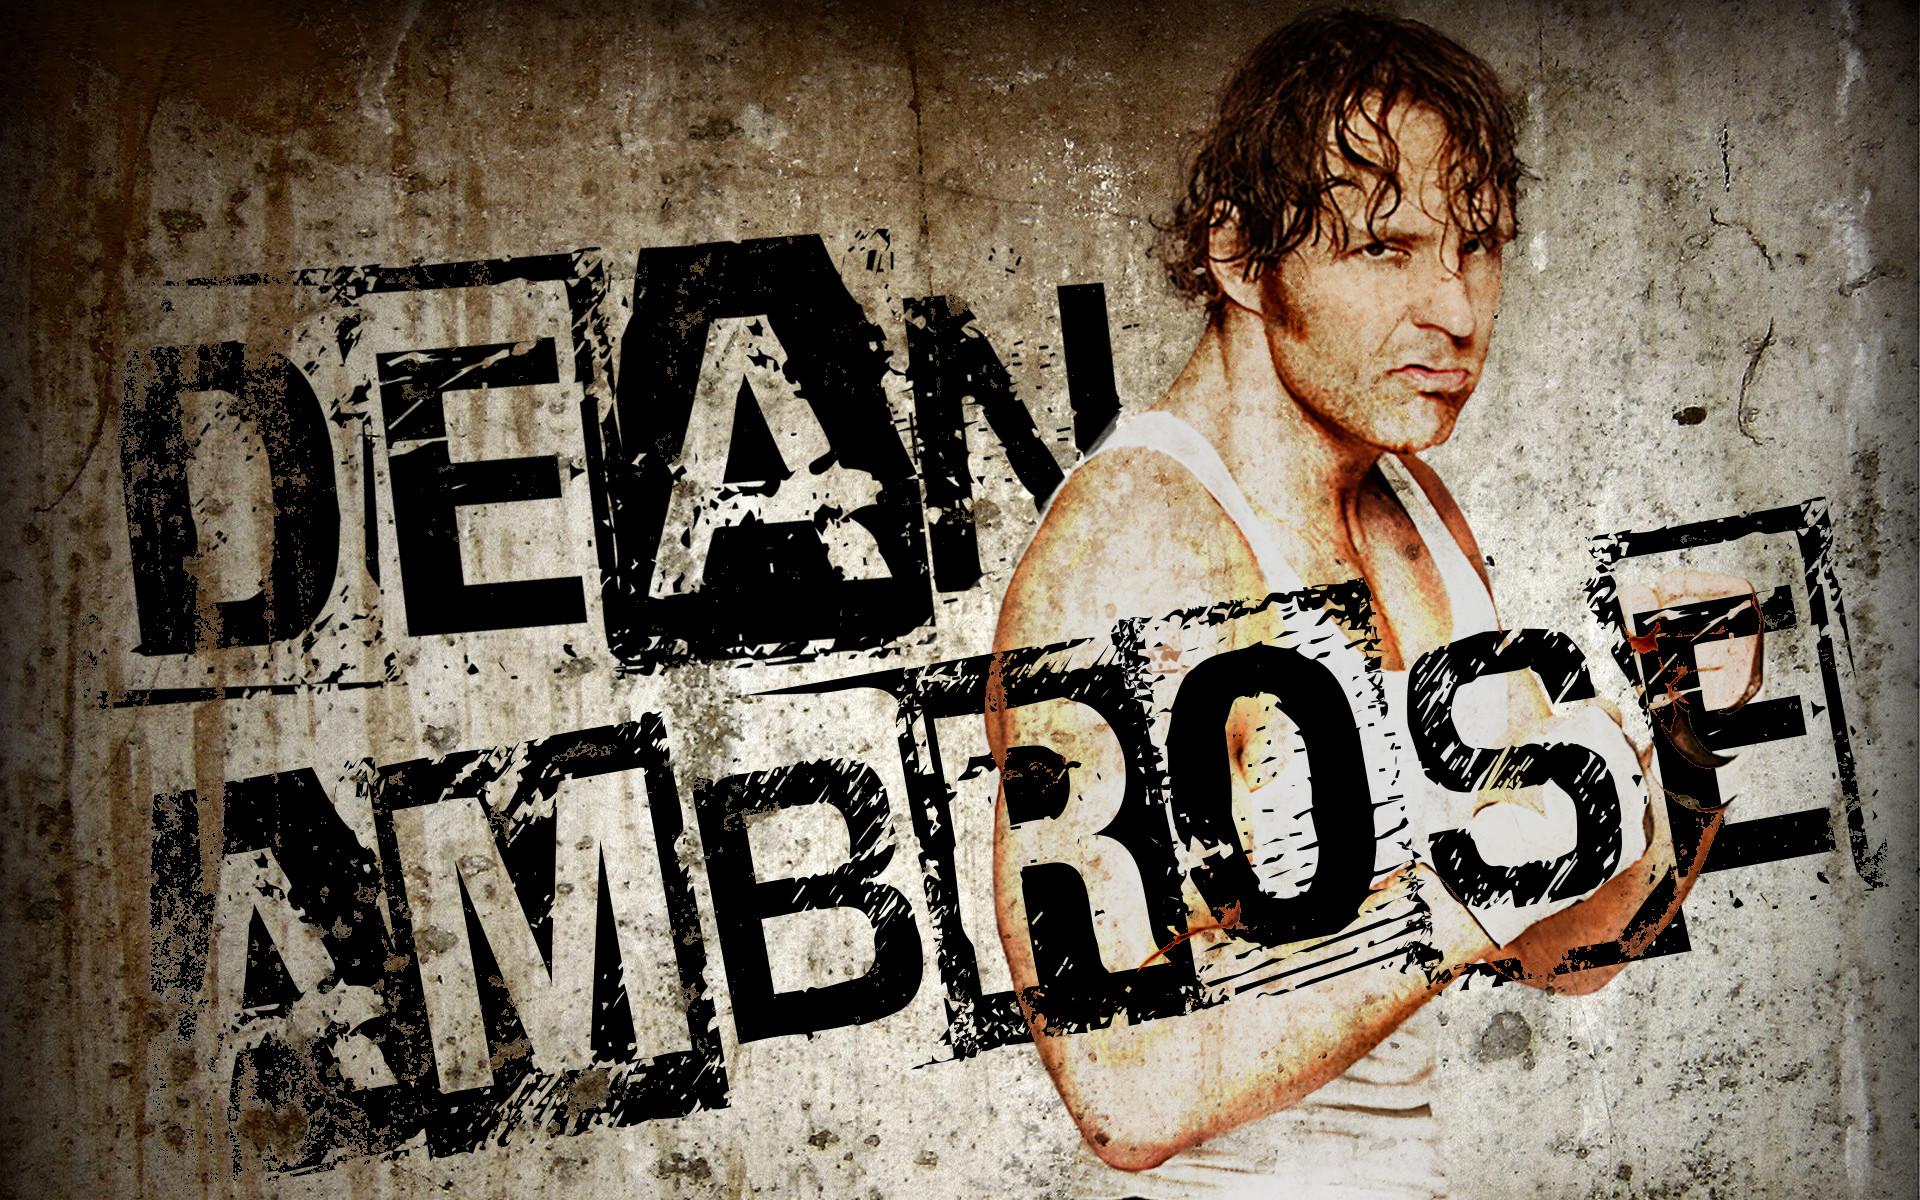 Seth rollins · Dean Ambrose HD Wallpapers Find best latest Dean Ambrose HD  Wallpapers for your PC desktop background